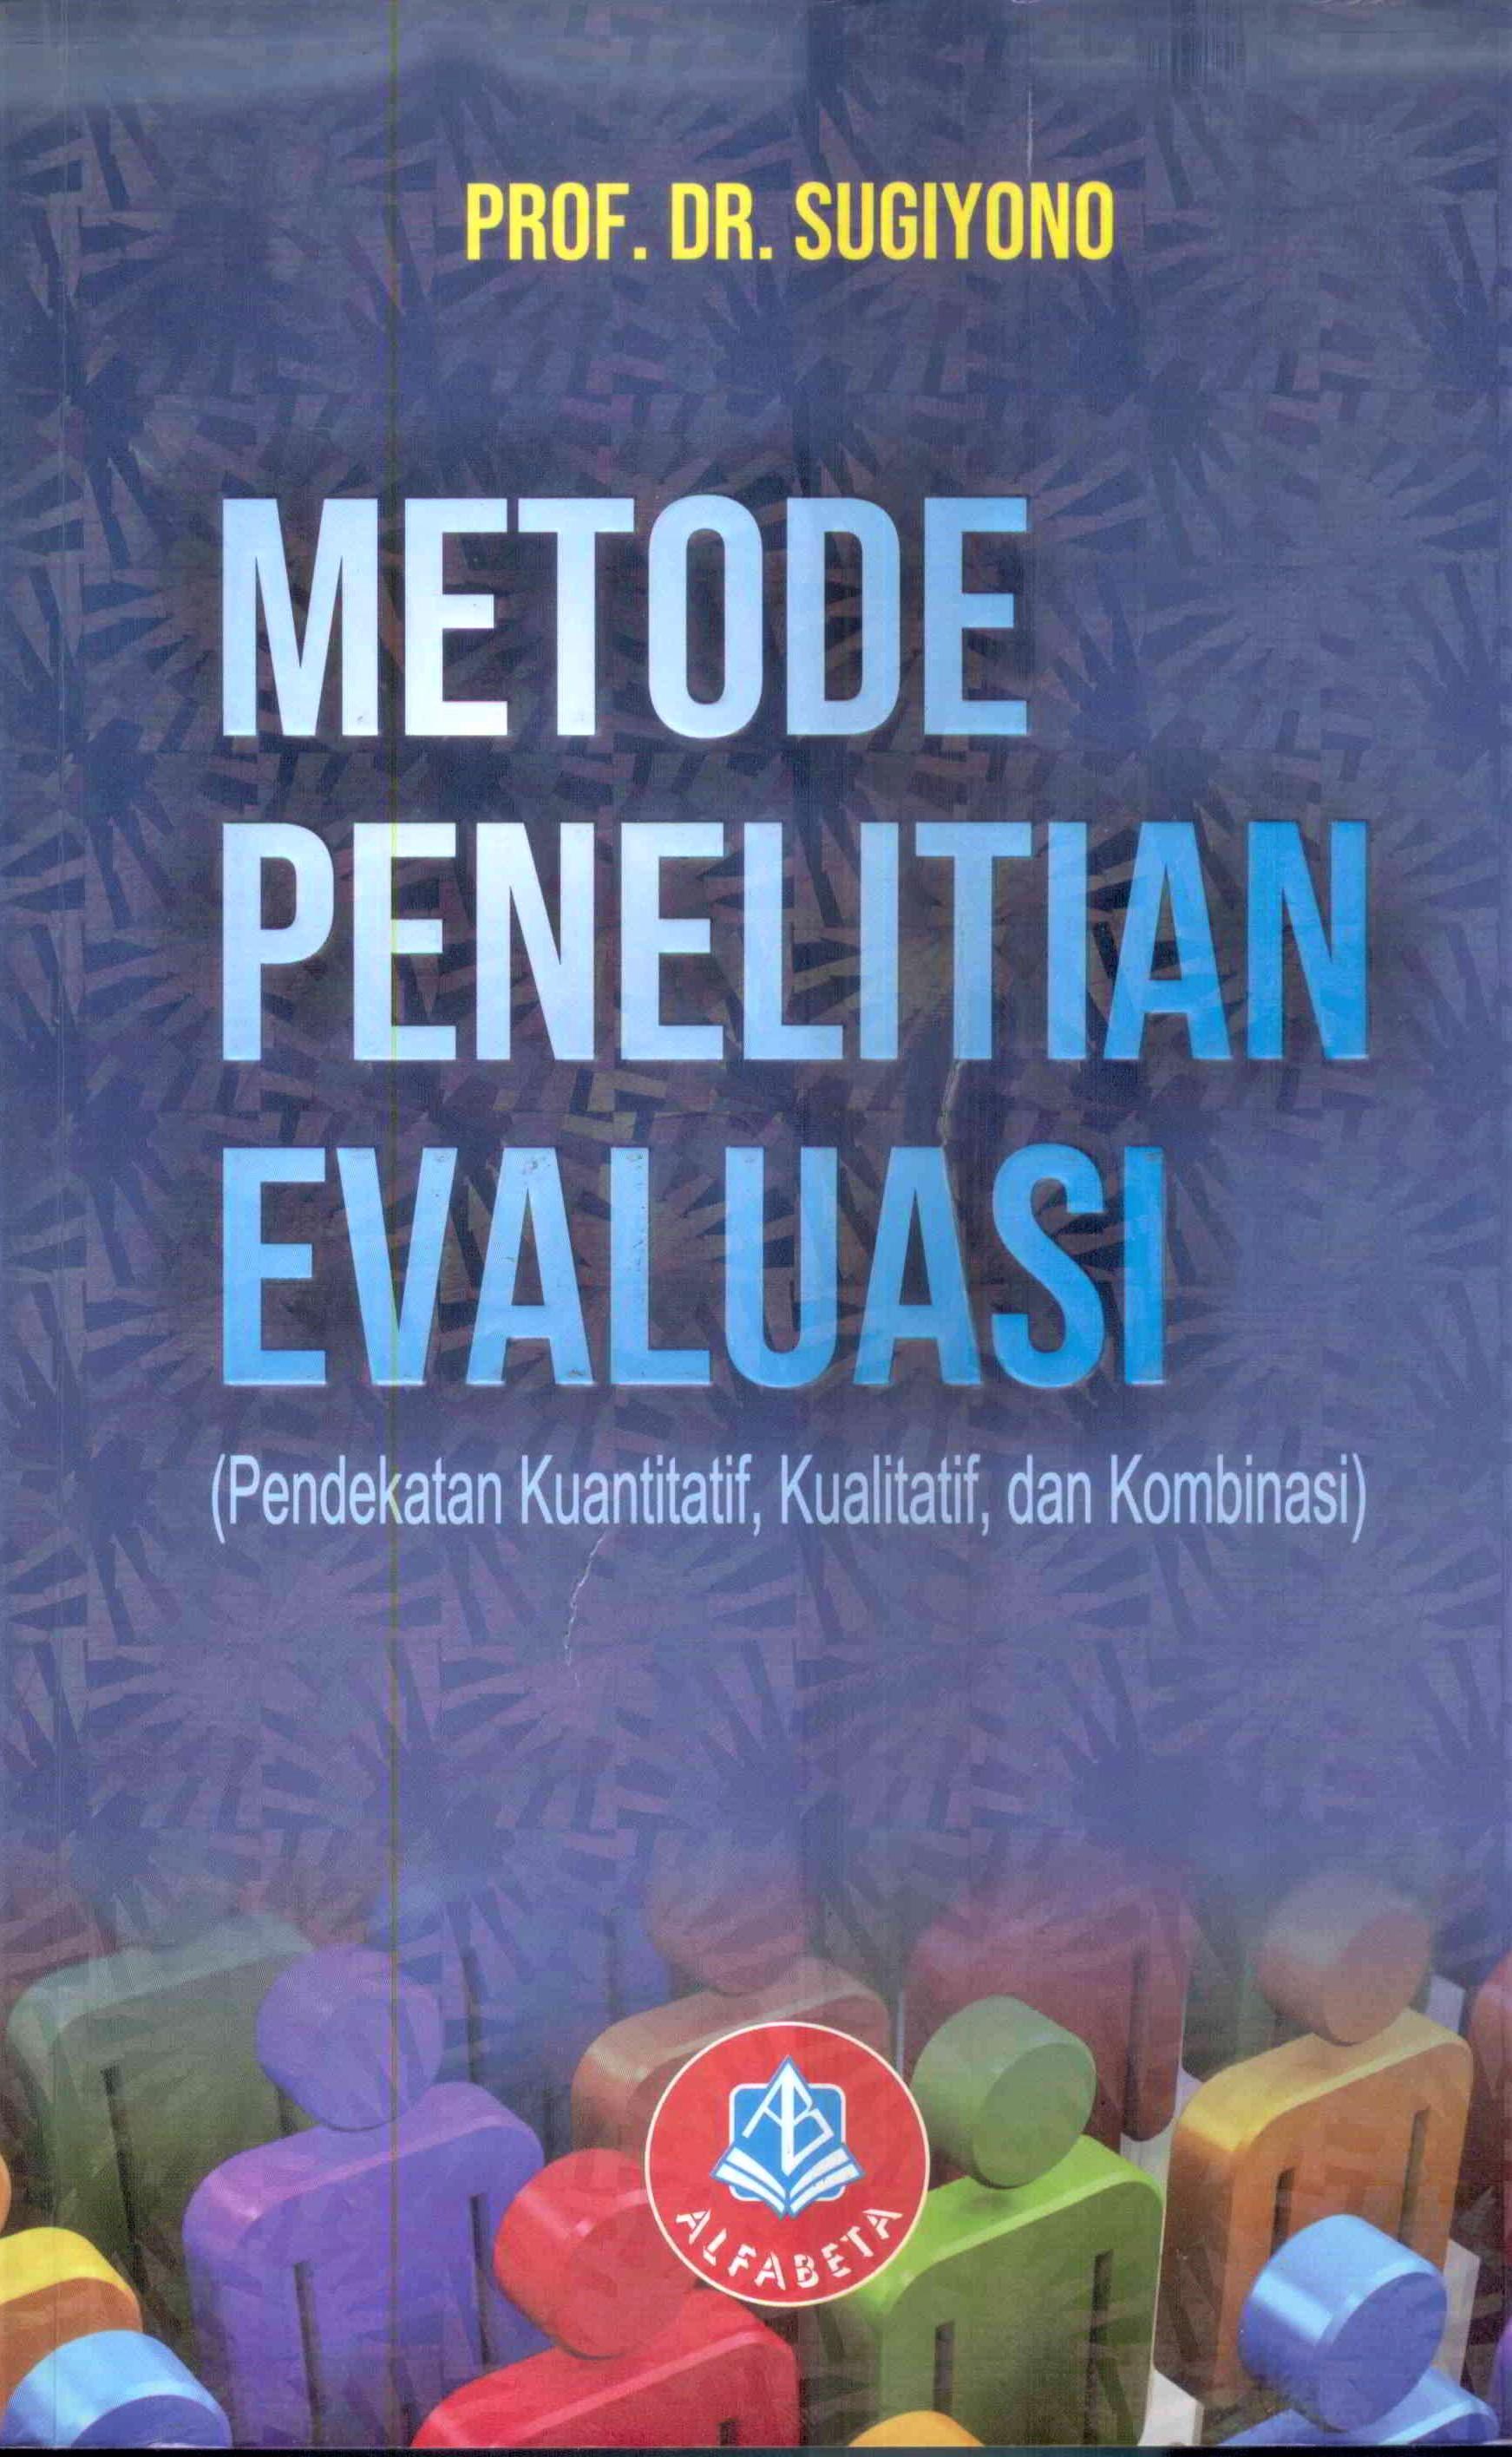 Metode Penelitian Evaluasi Pendekatan Kuantitatif Kualitatif